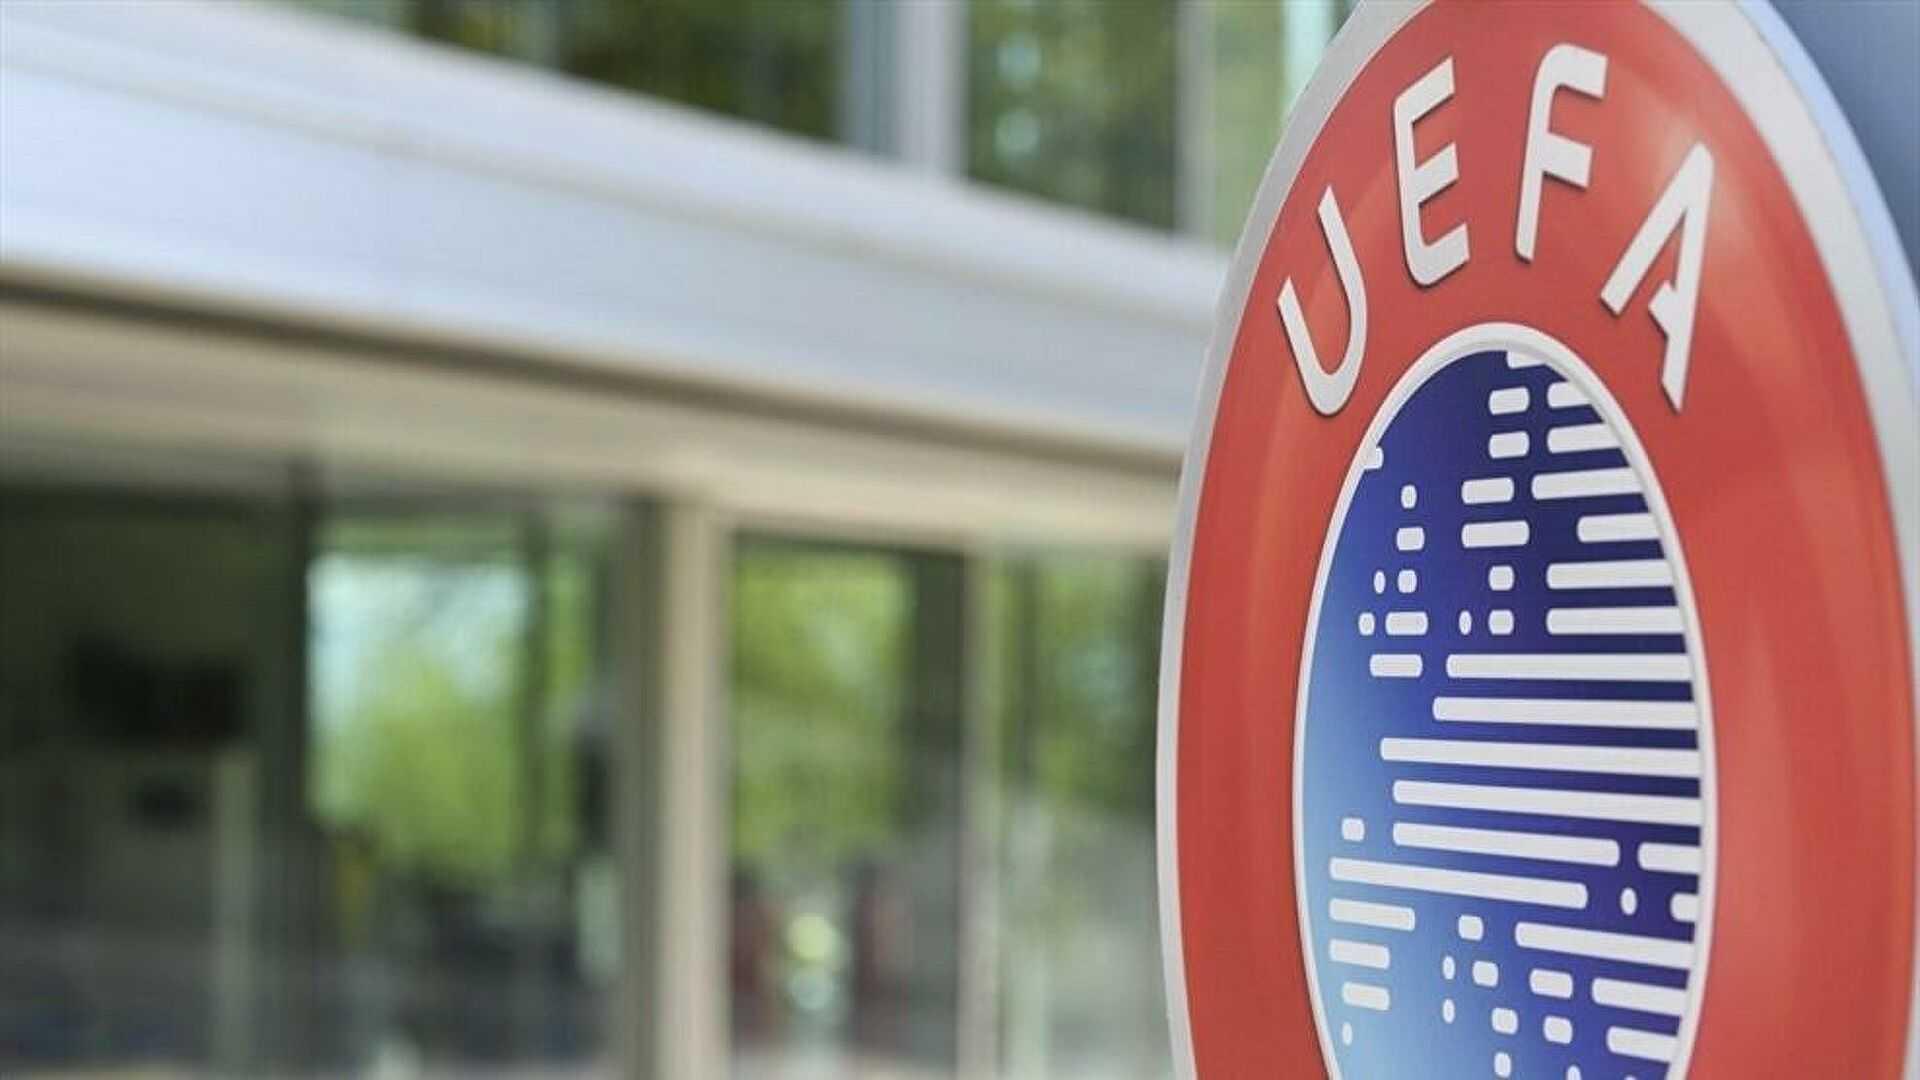 УЕФА рассматривает вариант бойкота будущего Чемпионата мира в Катаре